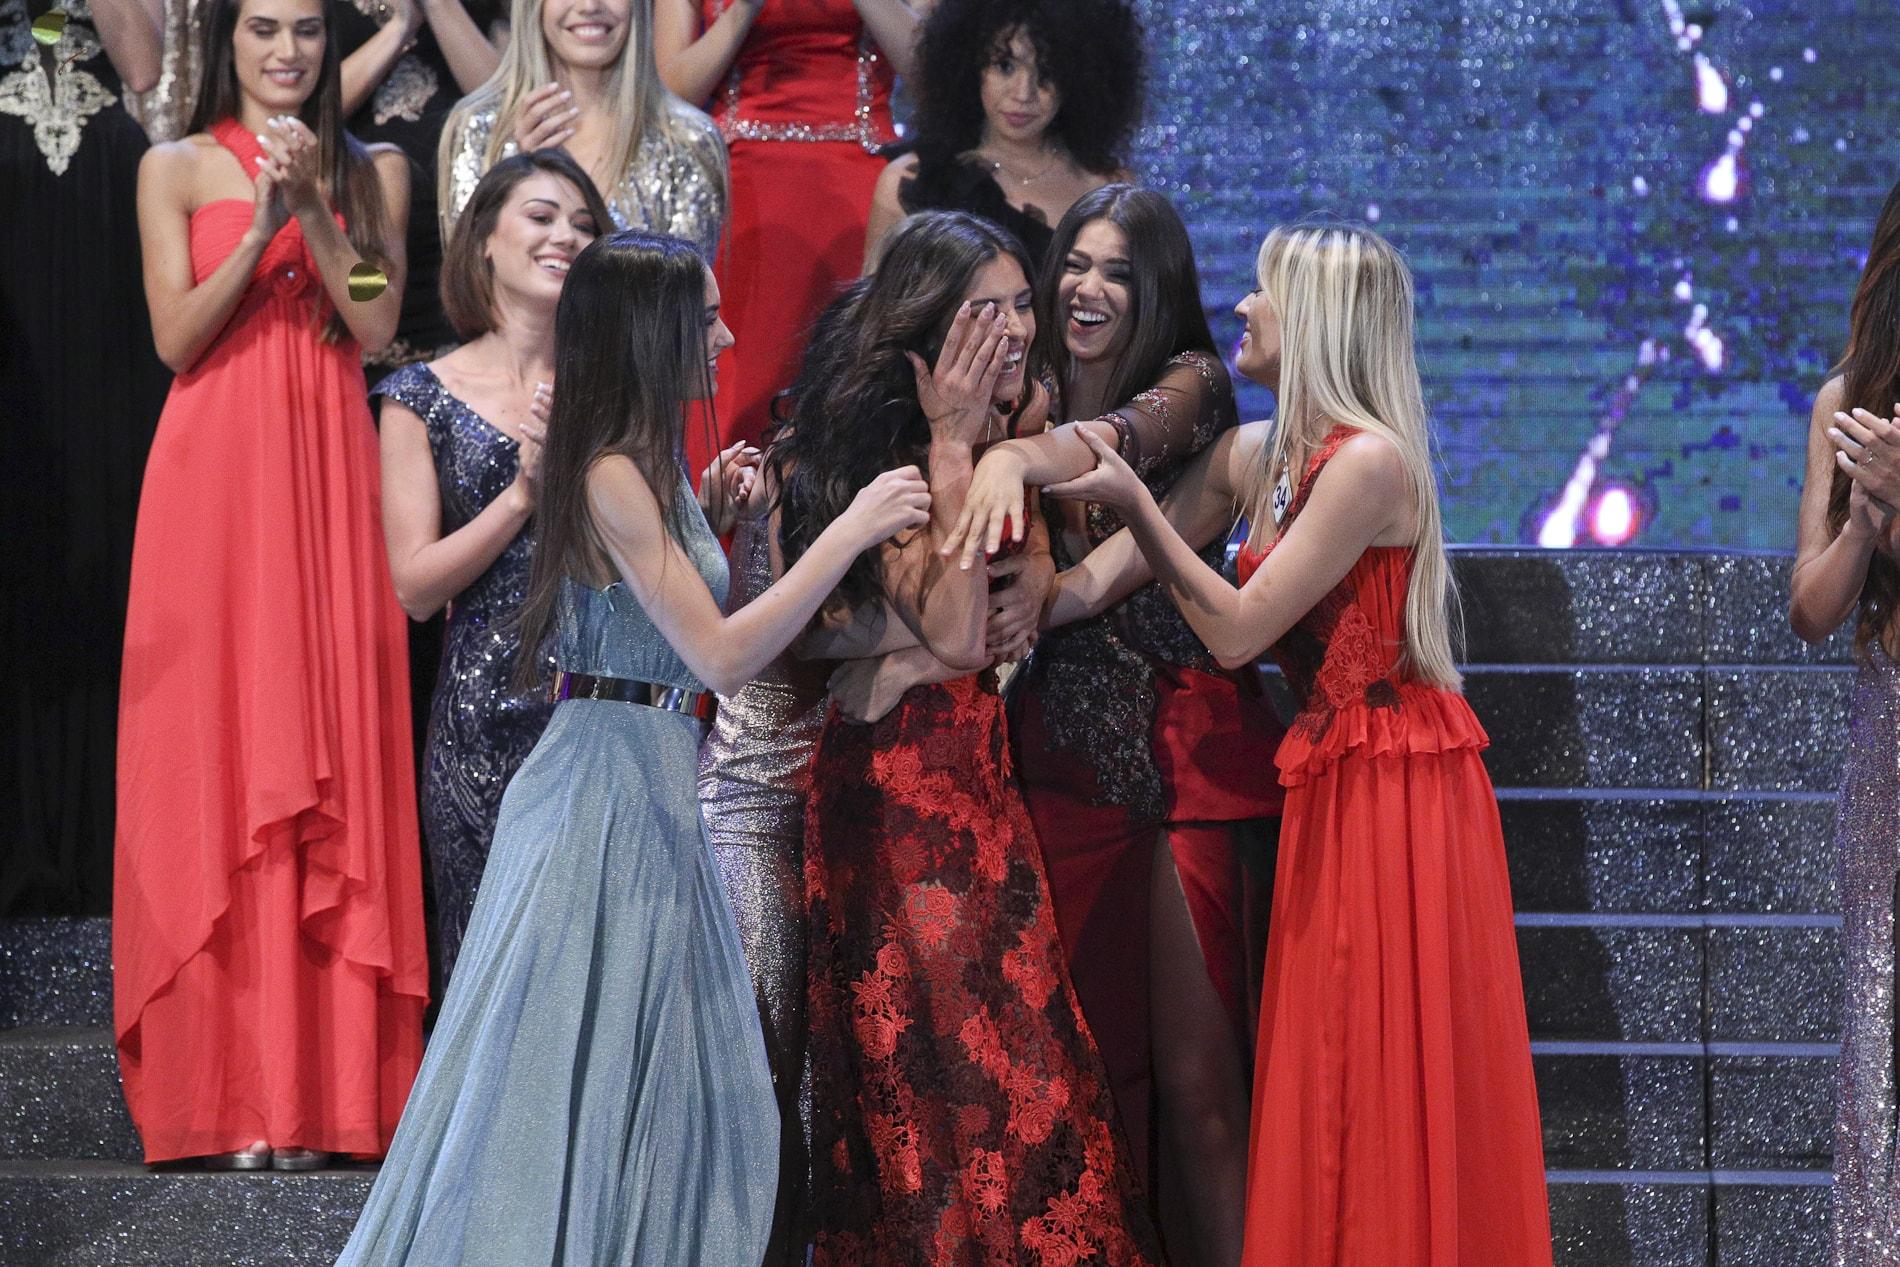 Finale Nazionale Miss Mondo Italia 2018 - 29